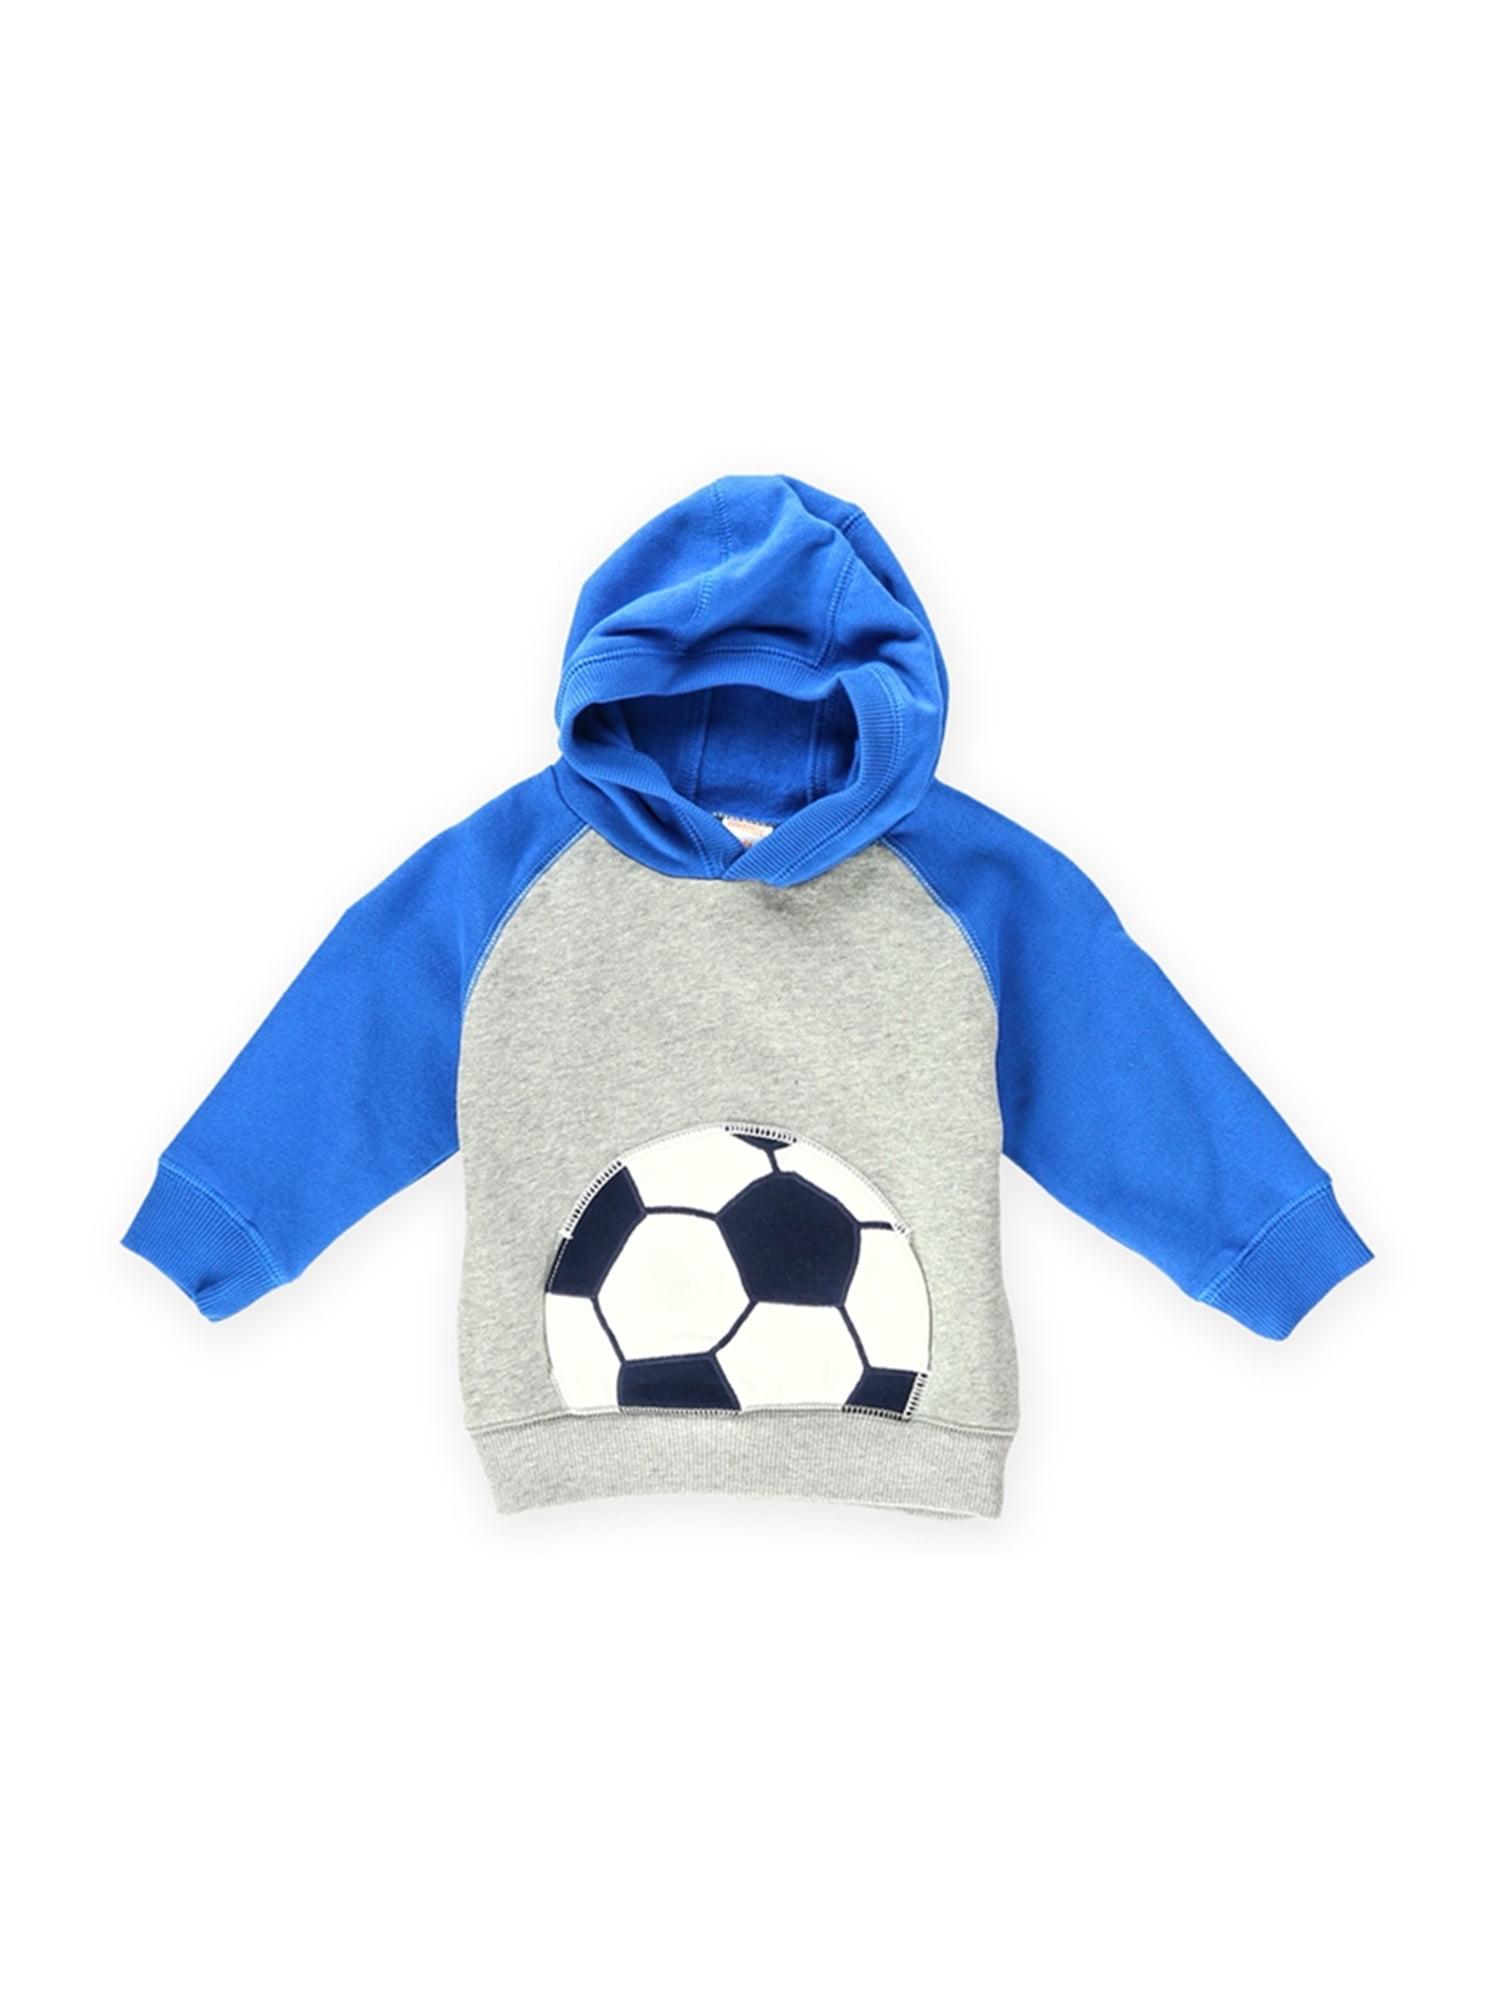 Gymboree Boys Soccer Hoodie Sweatshirt